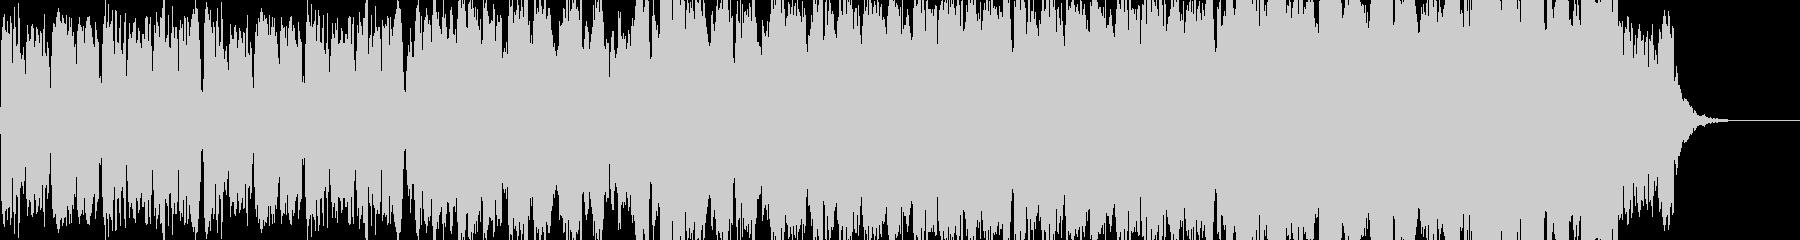 リコーダー4重奏のバロック音楽の未再生の波形